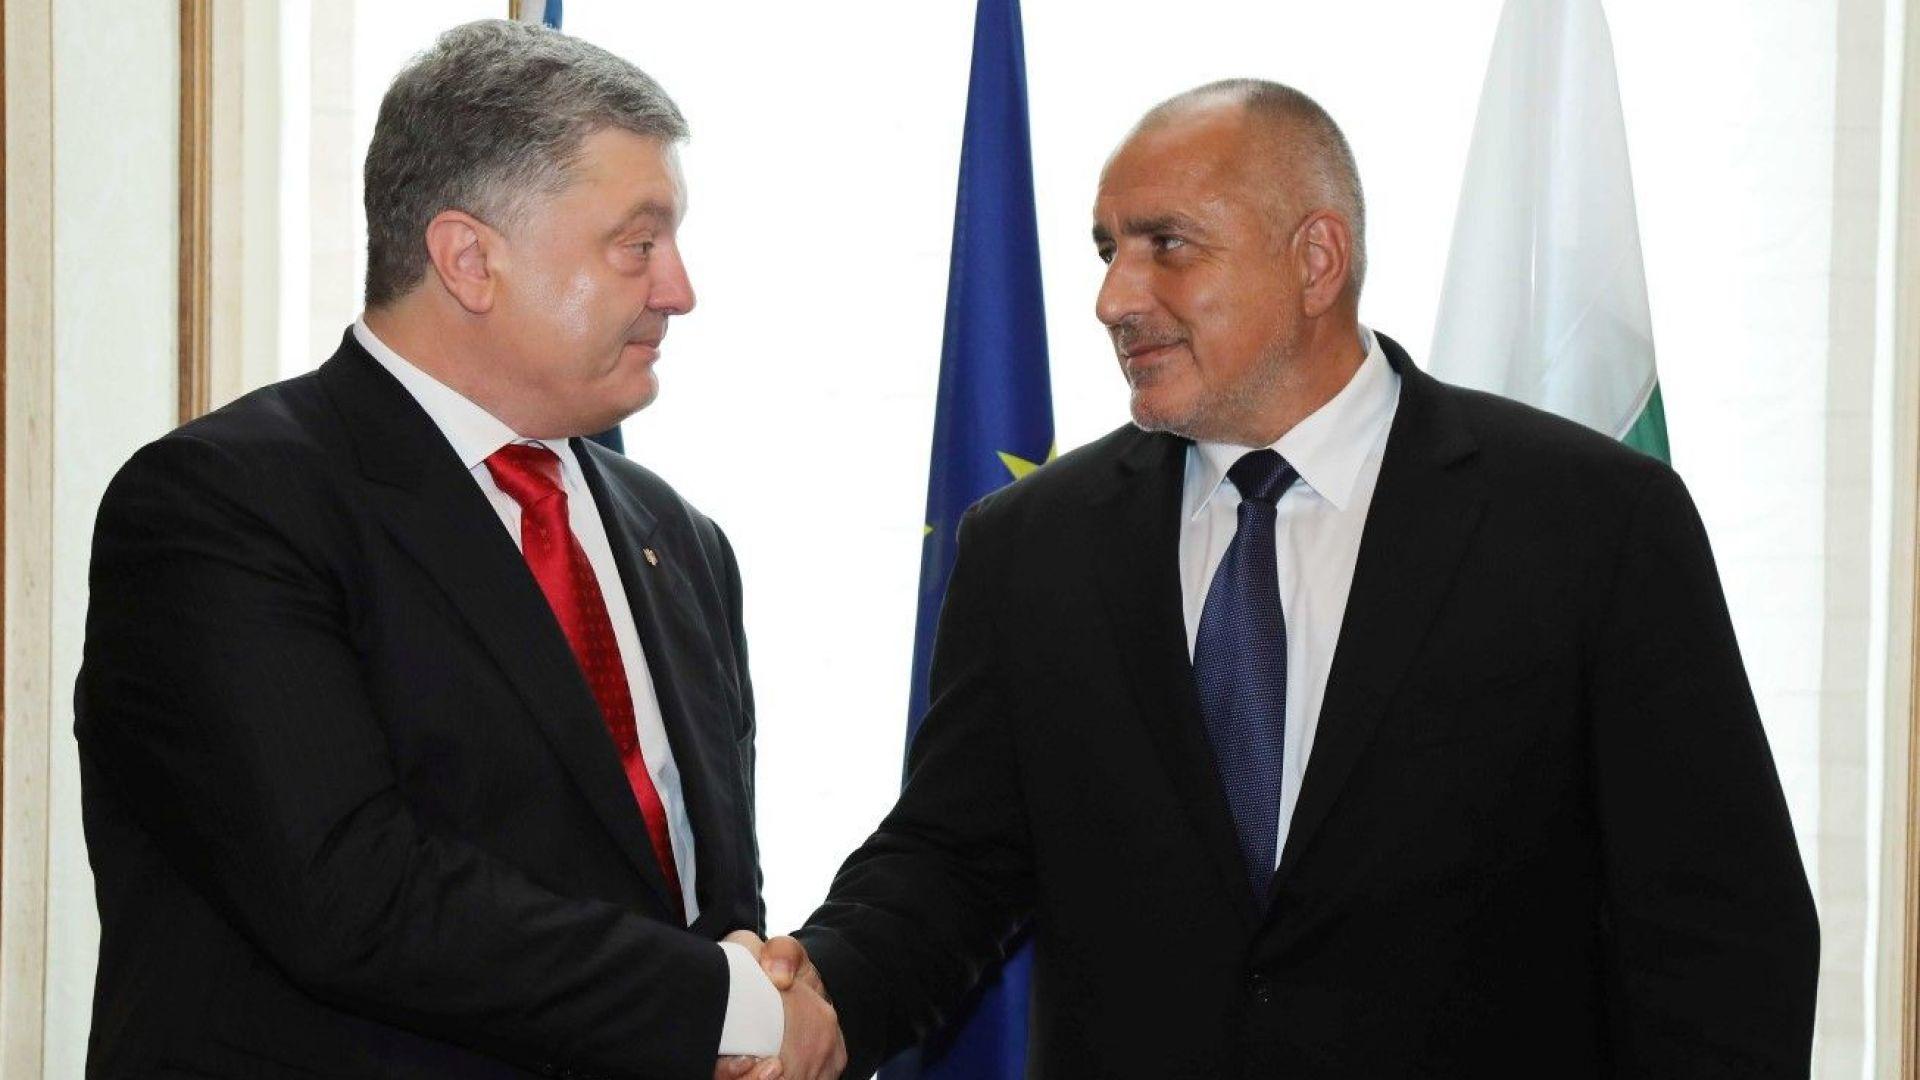 Борисов се срещна с Порошенко в Аахен